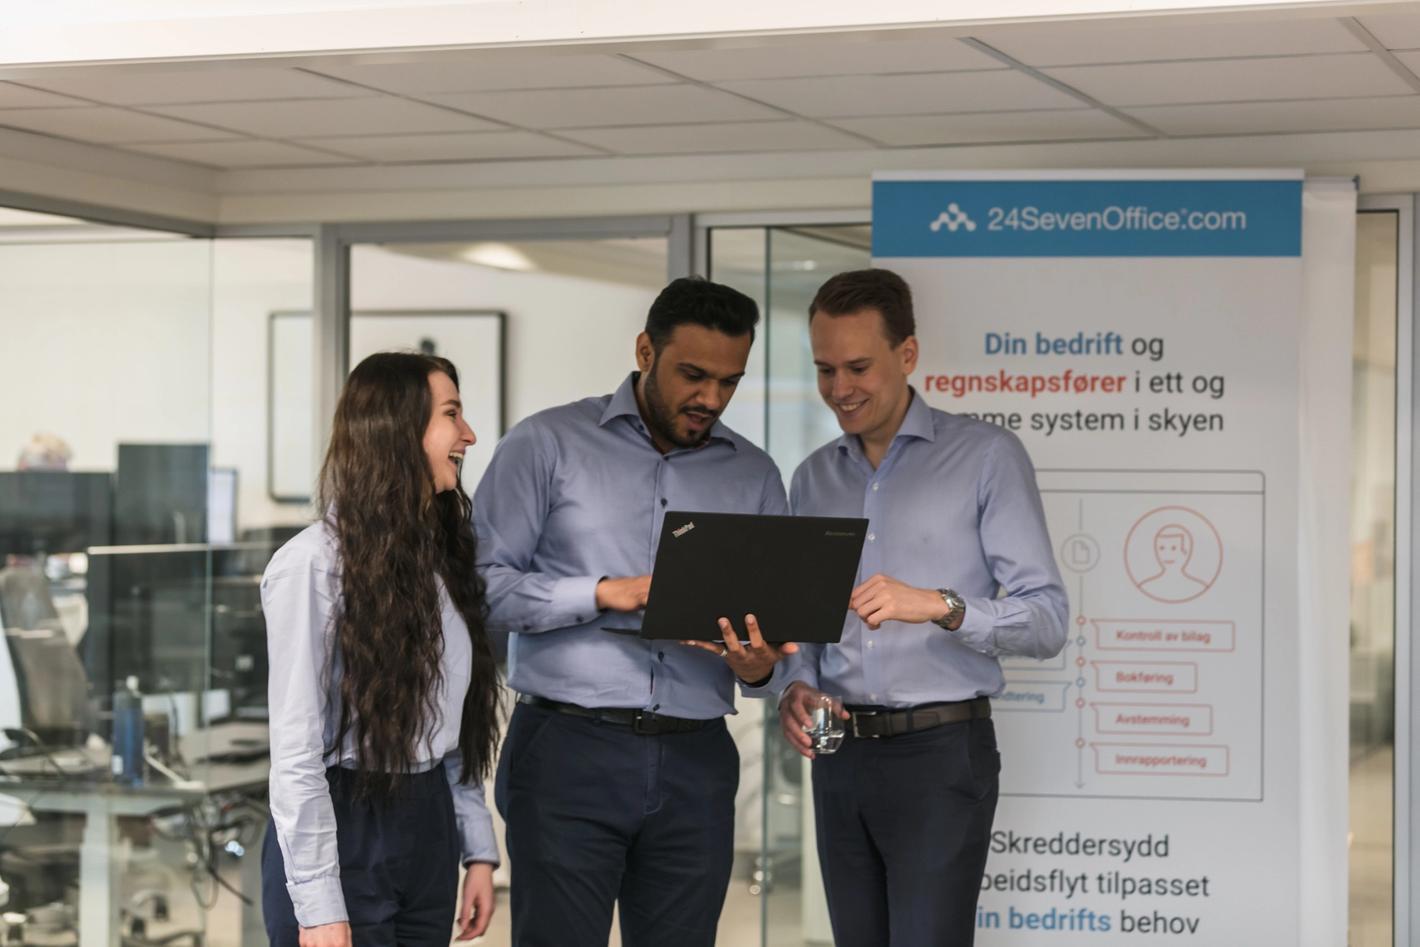 Tre ansatte hos Athene Group smiler mens de bruker 24SevenOffice